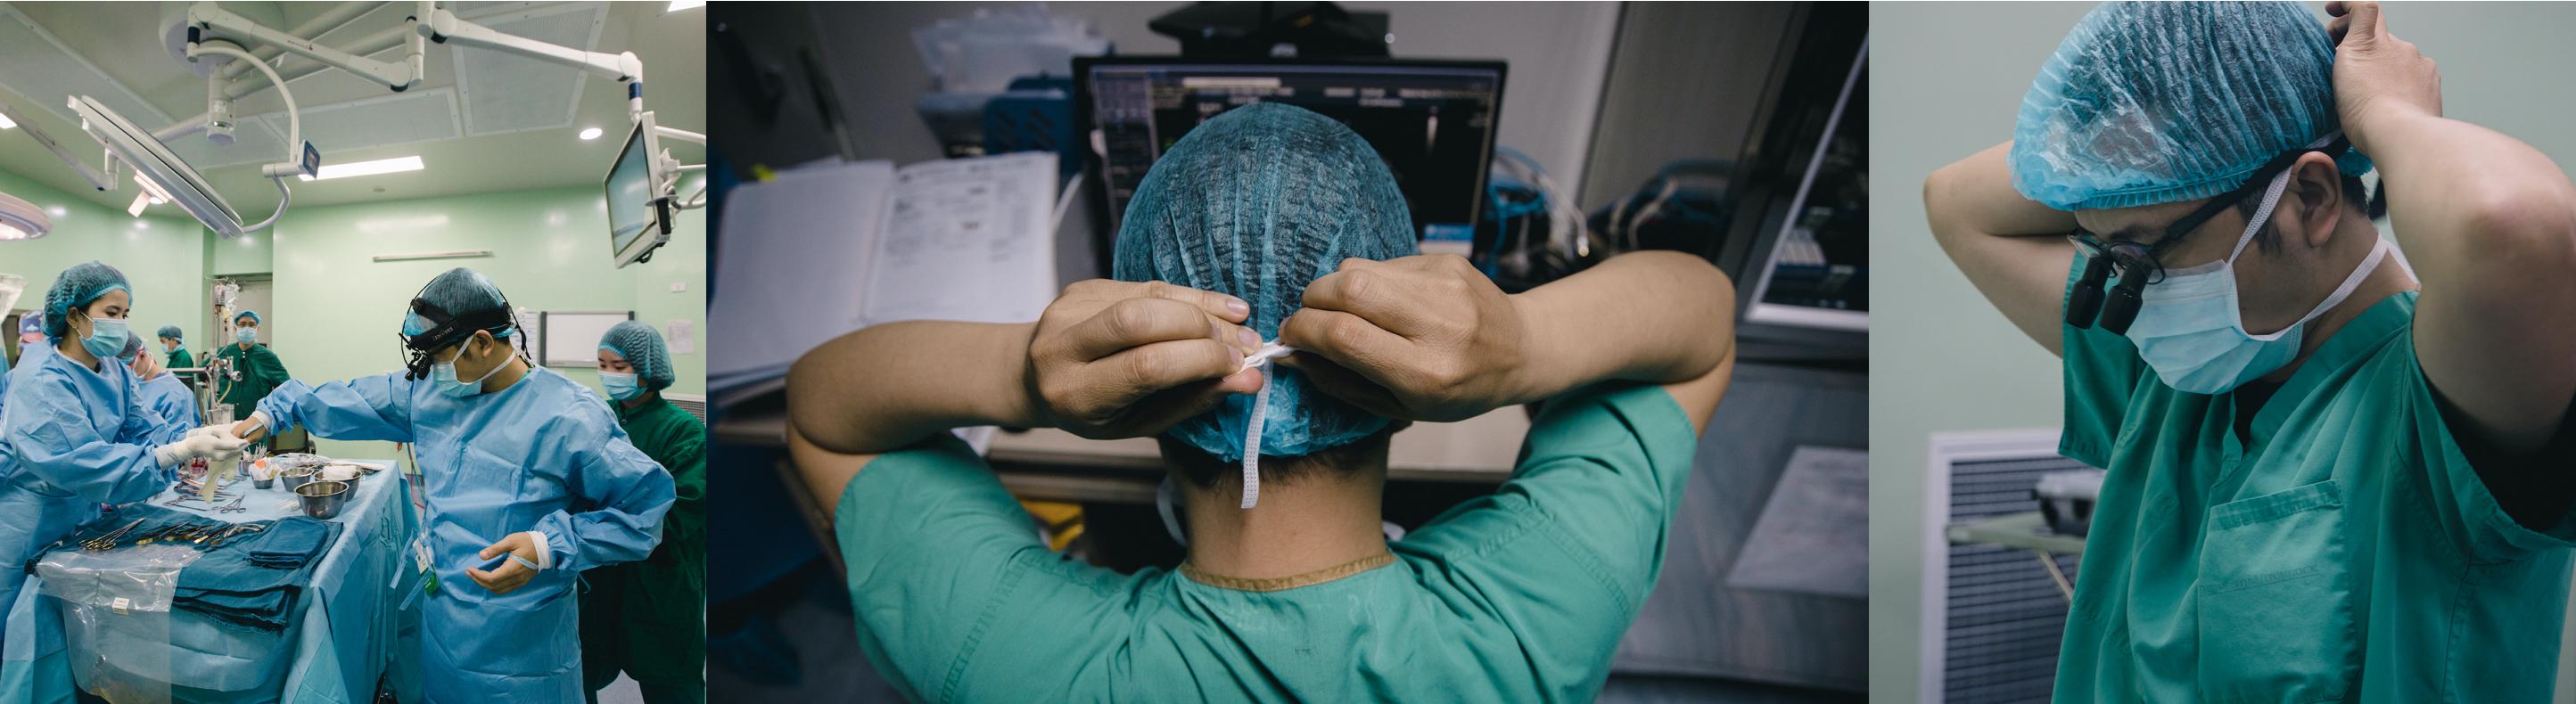 Bác sỹ Trường cùng các đồng nghiệp đã sẵn sàng cho cuộc phẫu thuật. (Ảnh: Minh Sơn/Vietnam+)